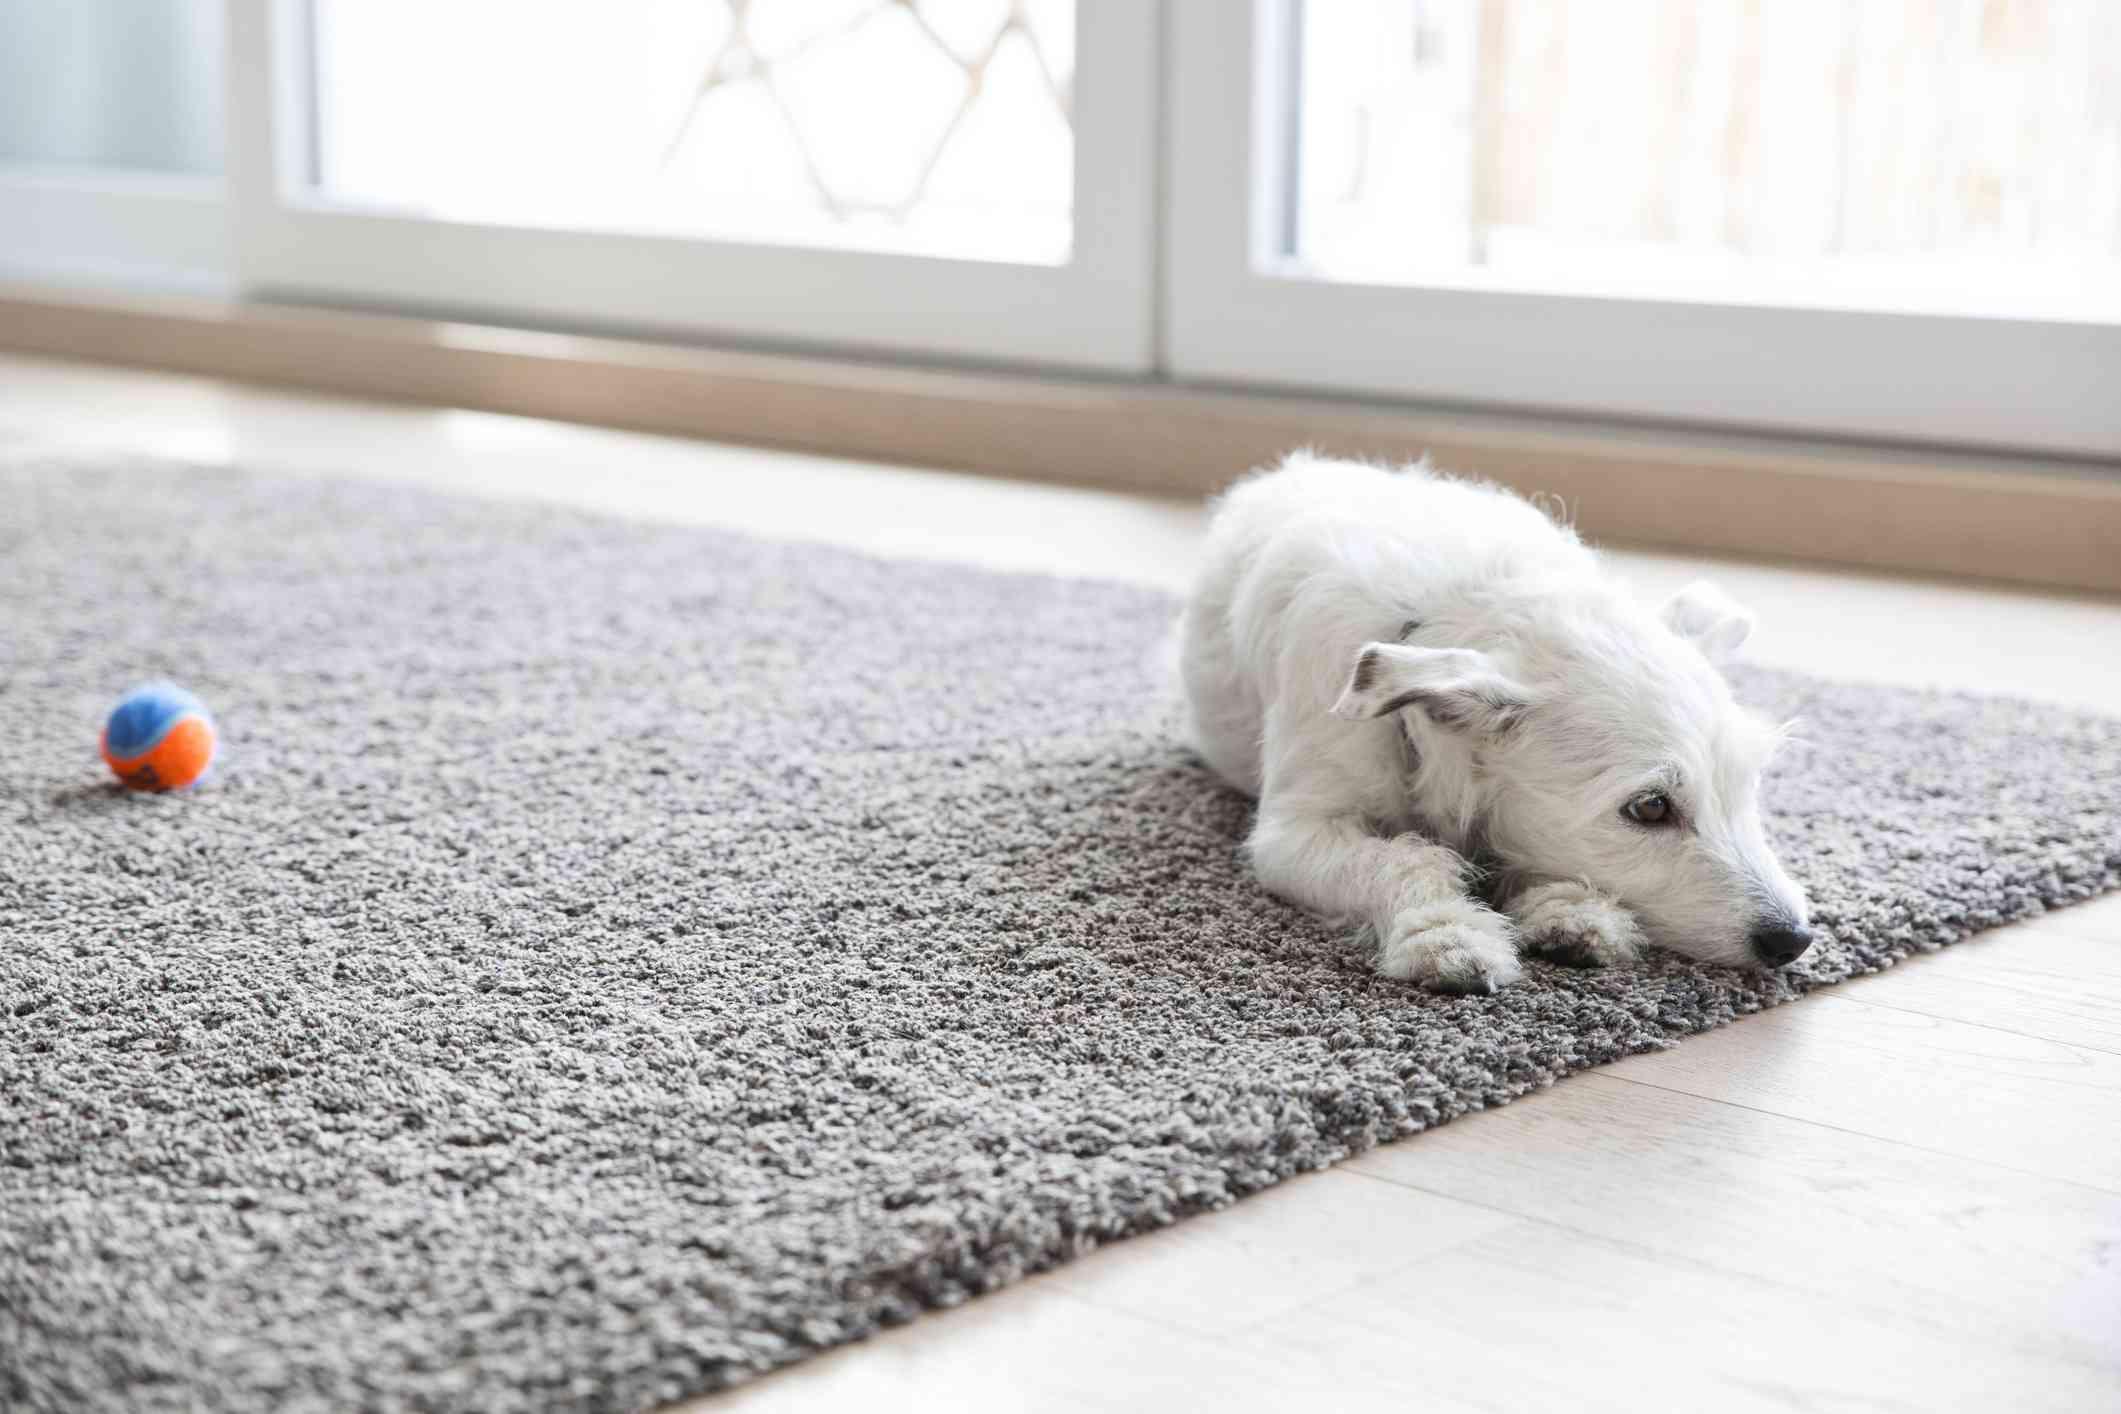 A dog on a carpet